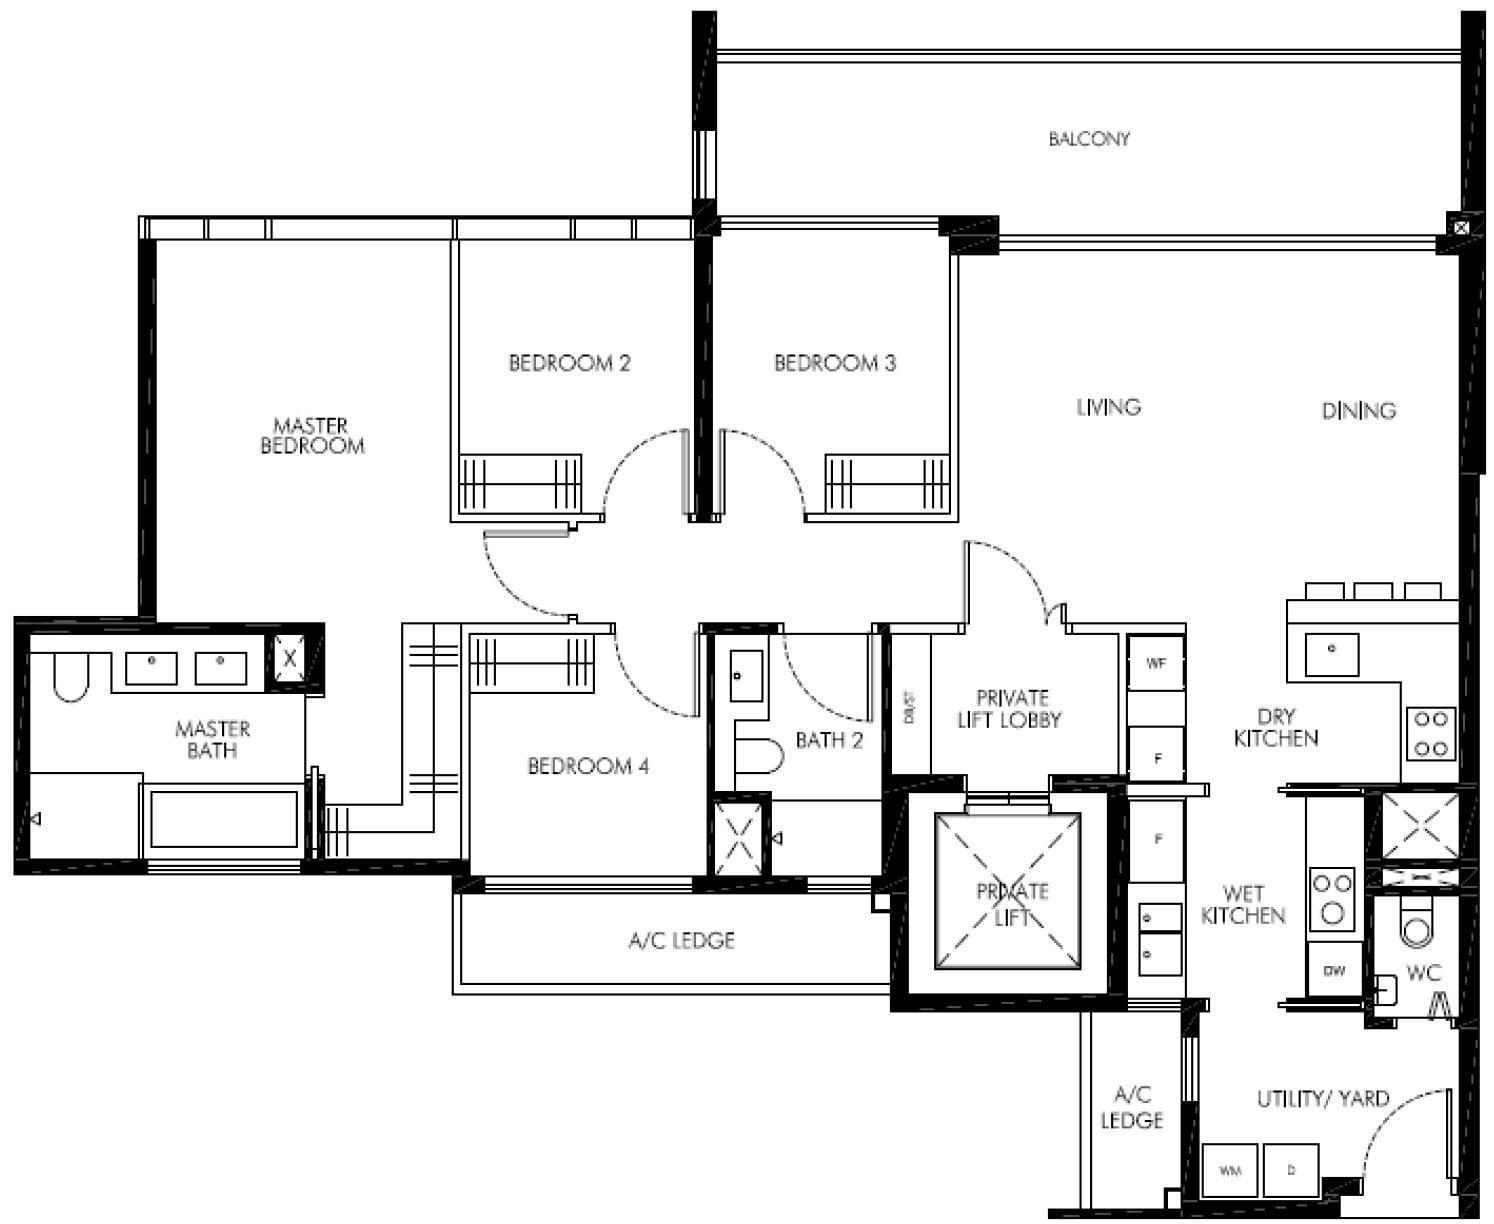 Leedon-Green-floor plan showunit 4BR